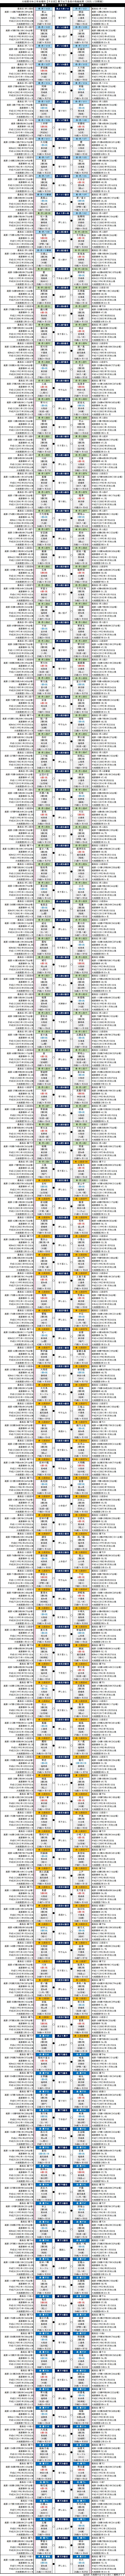 大相撲・2020年1月場所9日目・幕下以下の取組結果